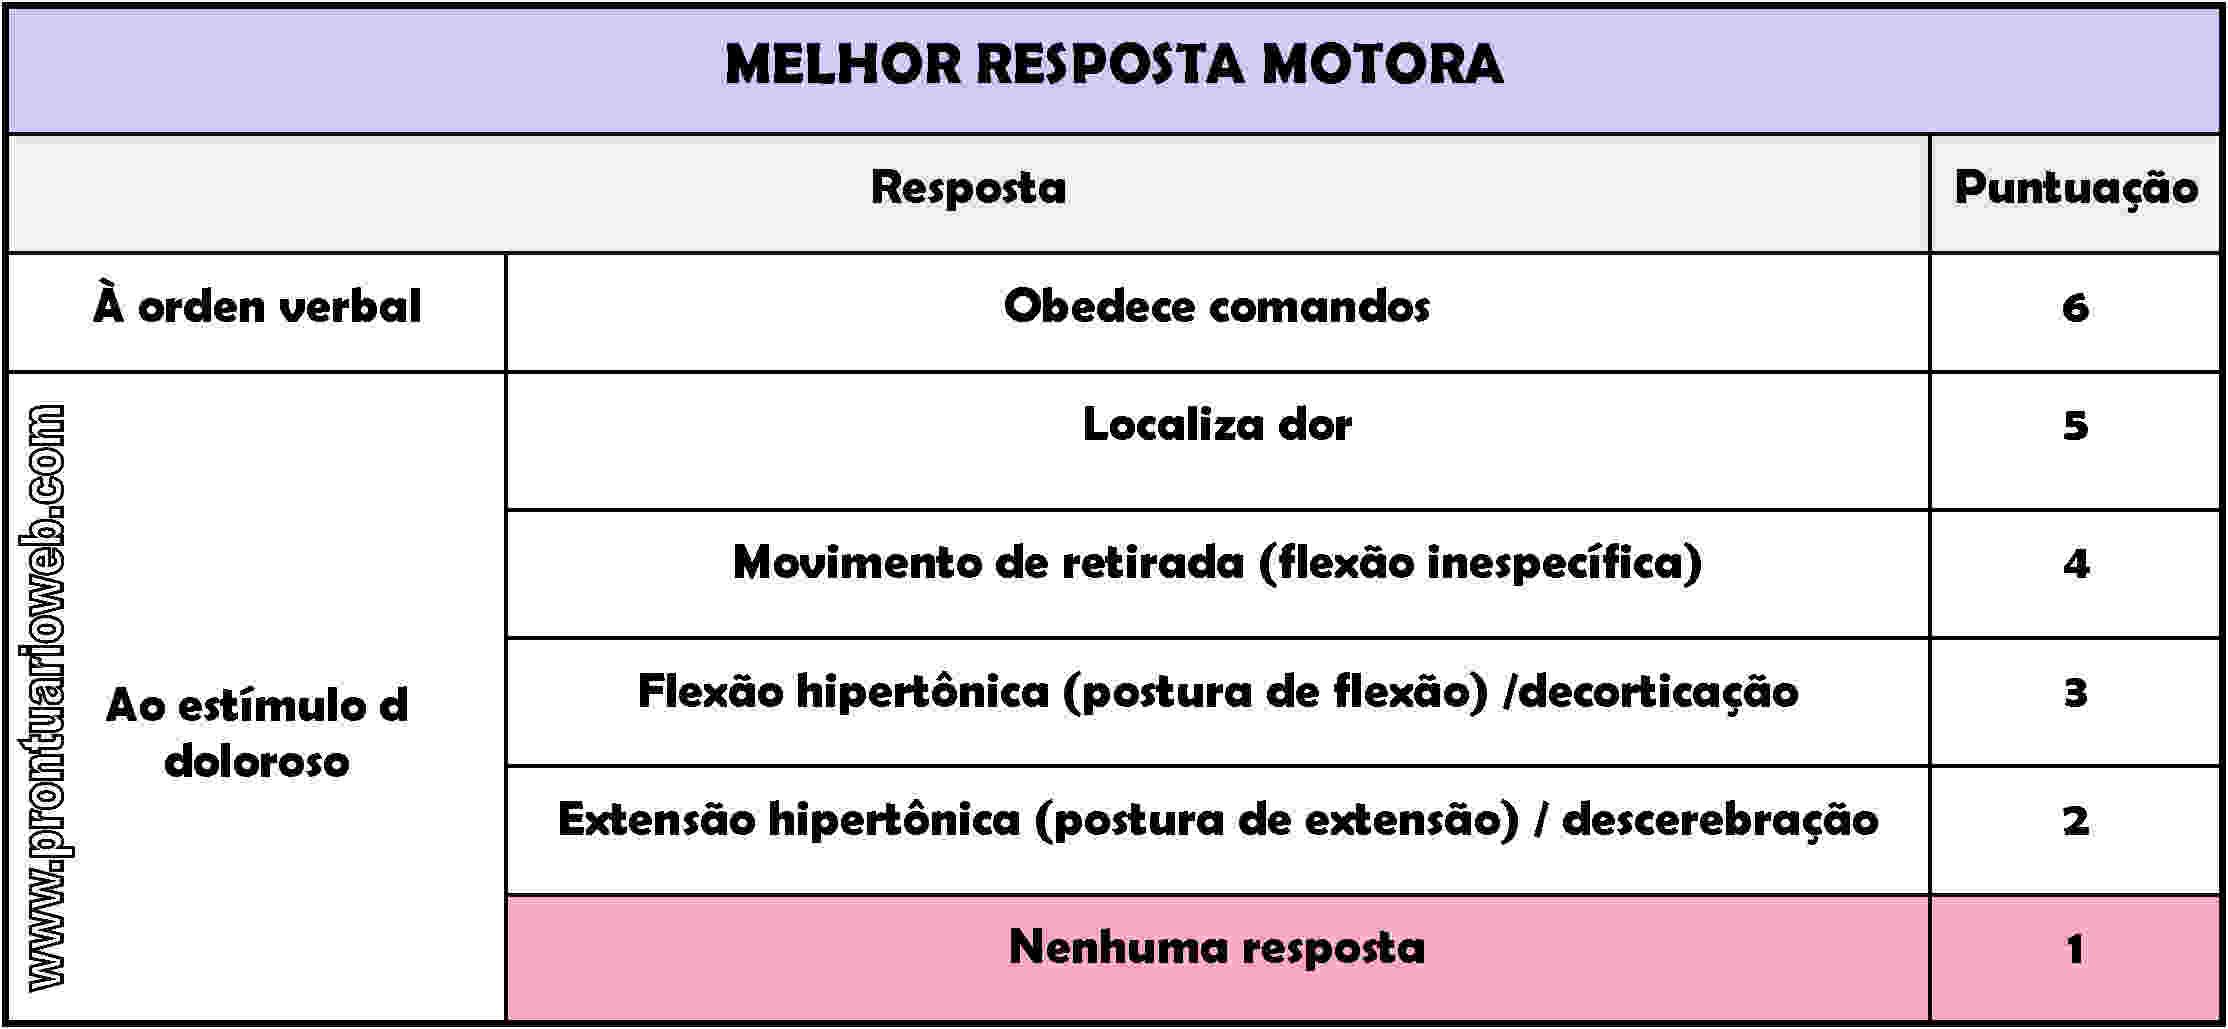 resposta motora português - prontuarioweb